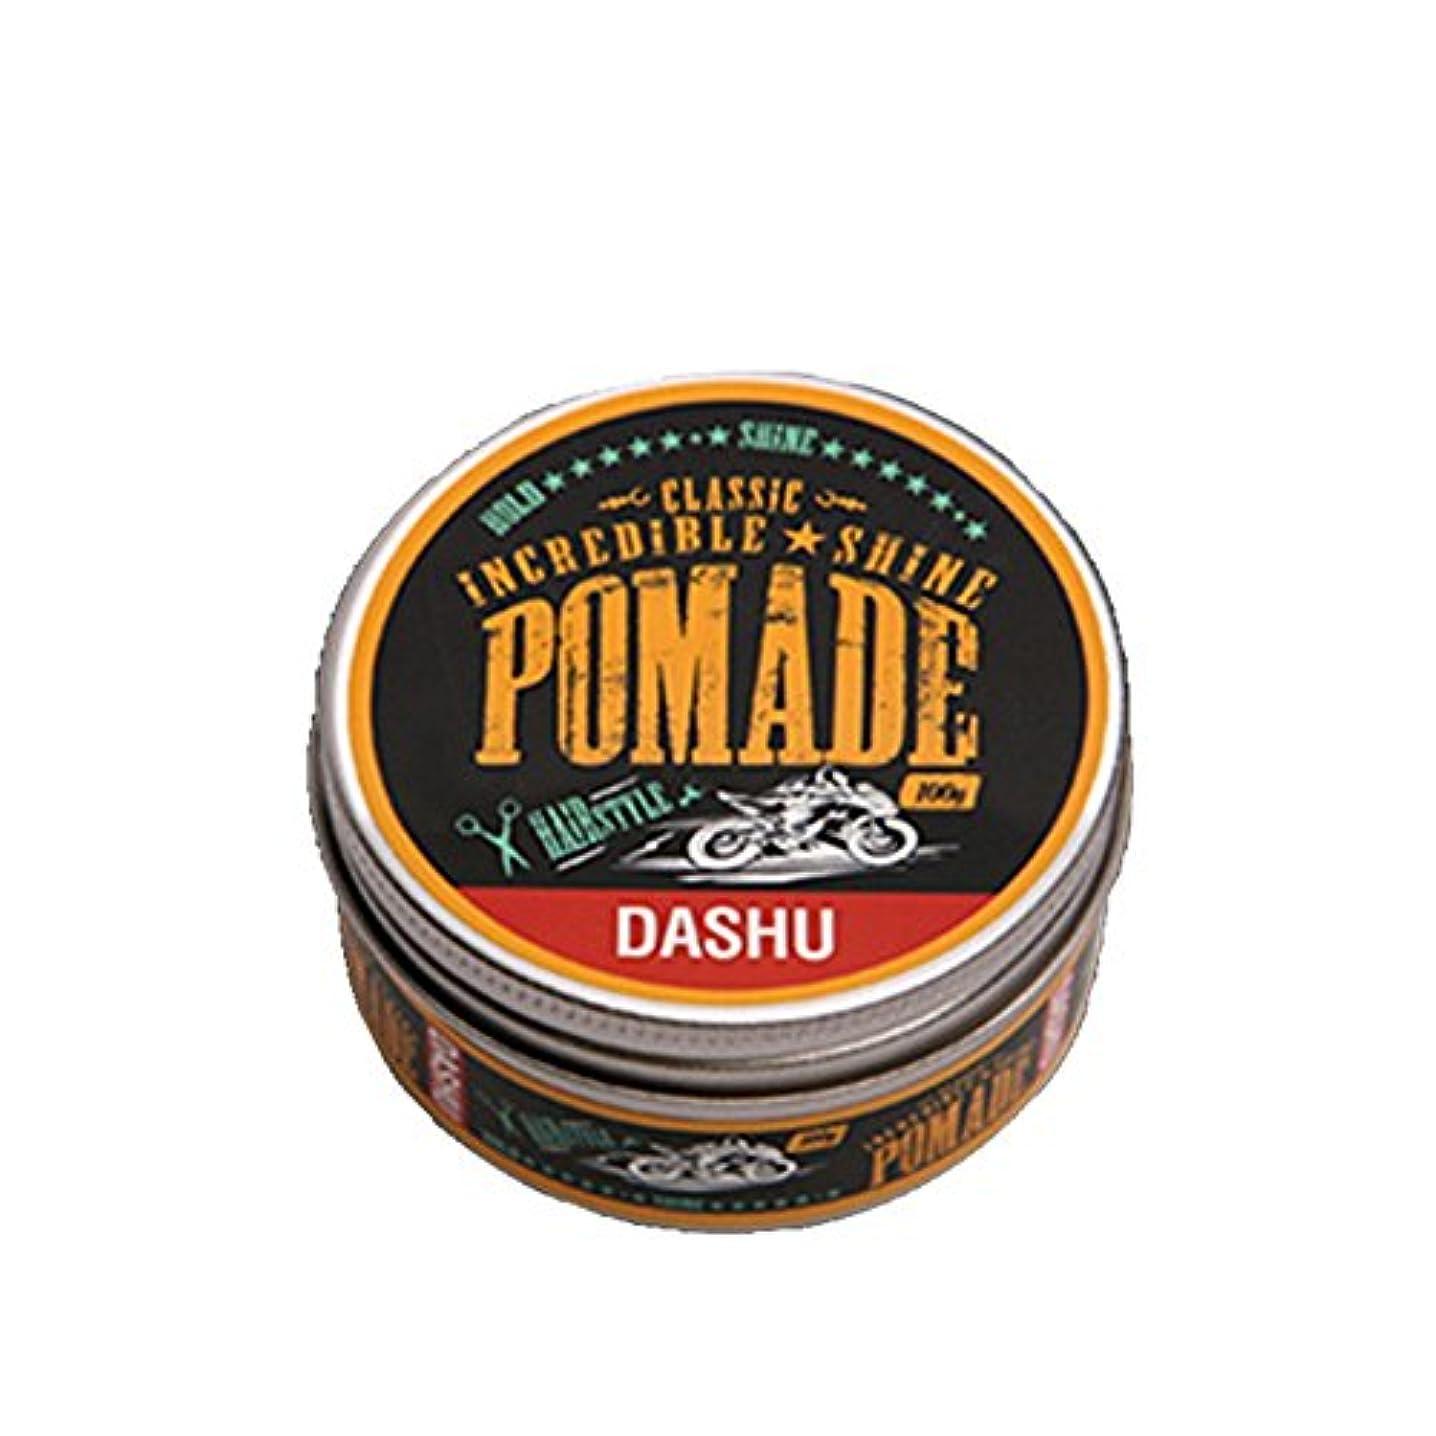 告白起こりやすいロボット[DASHU] ダシュ クラシック 信じられないほどの輝き ポマードワックス Classic Incredible Shine Pomade Hair Wax 100ml / 韓国製 . 韓国直送品